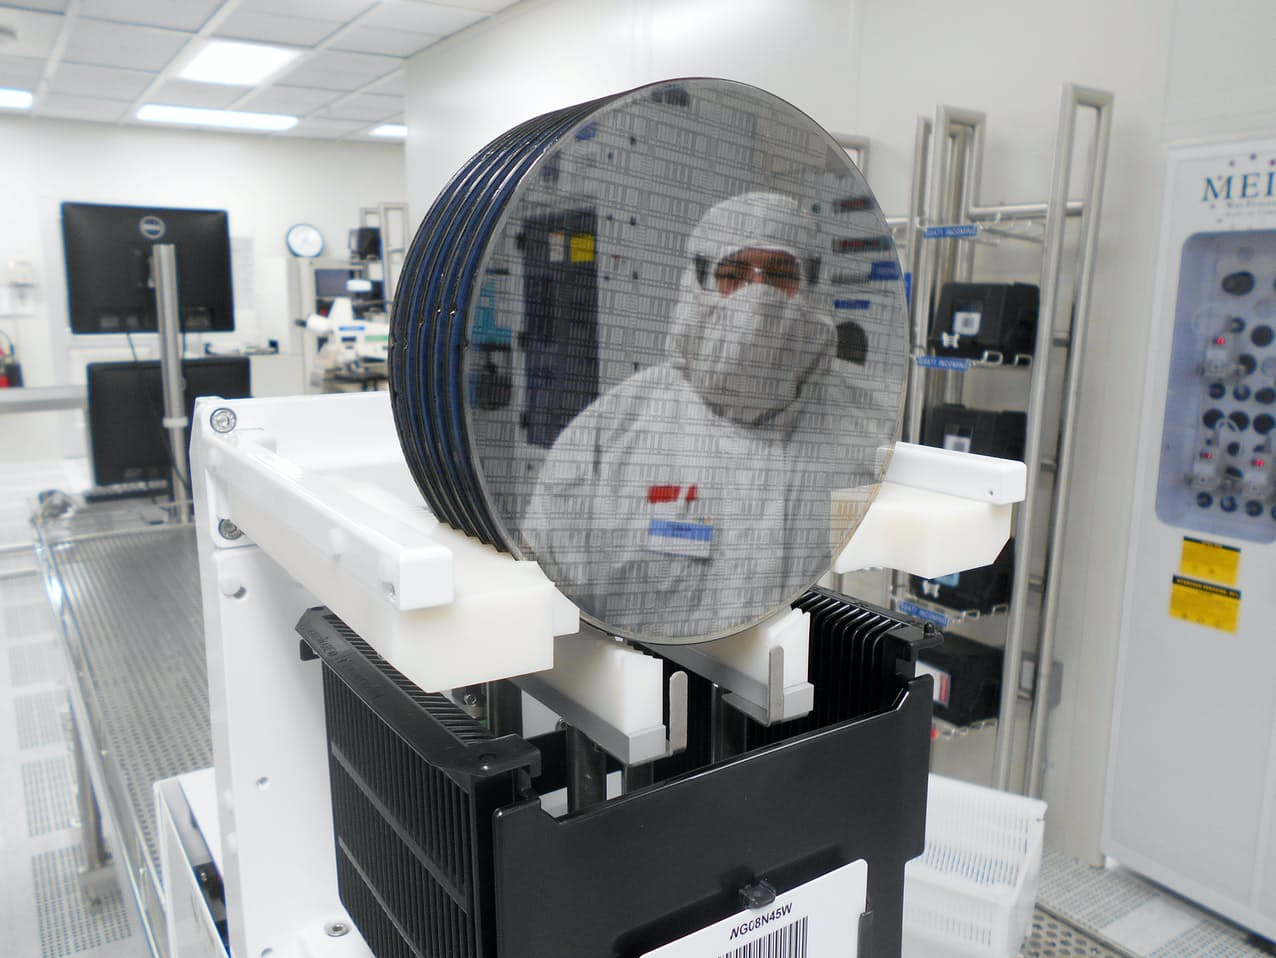 台湾半導体生産大手のUMCは、半導体不足の早期解消に厳しい見解を示した=ロイター